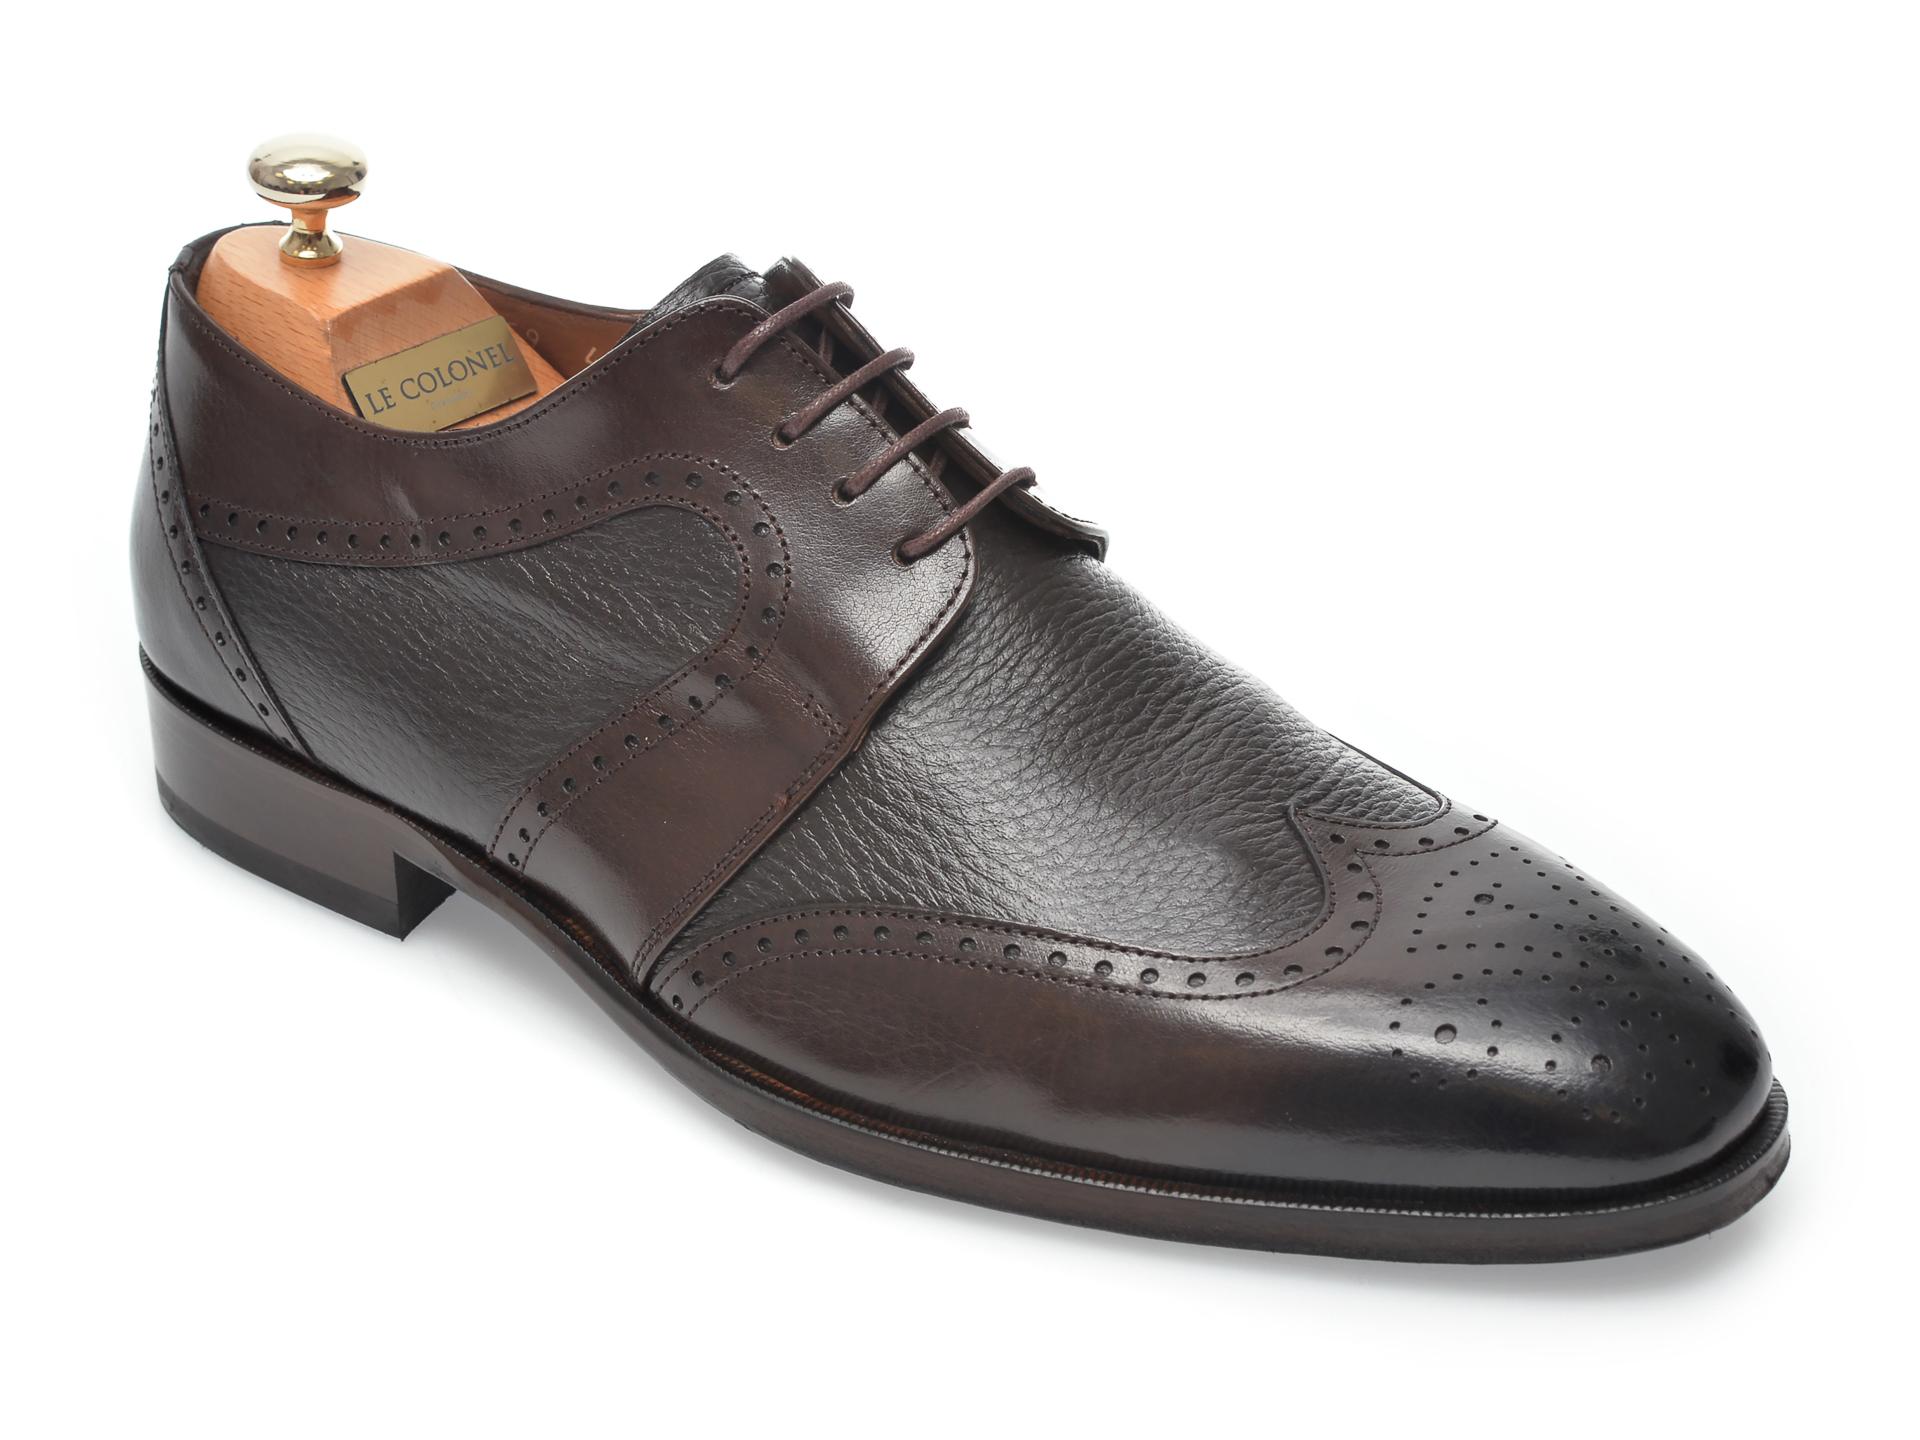 Pantofi LE COLONEL maro, 48459, din piele naturala imagine